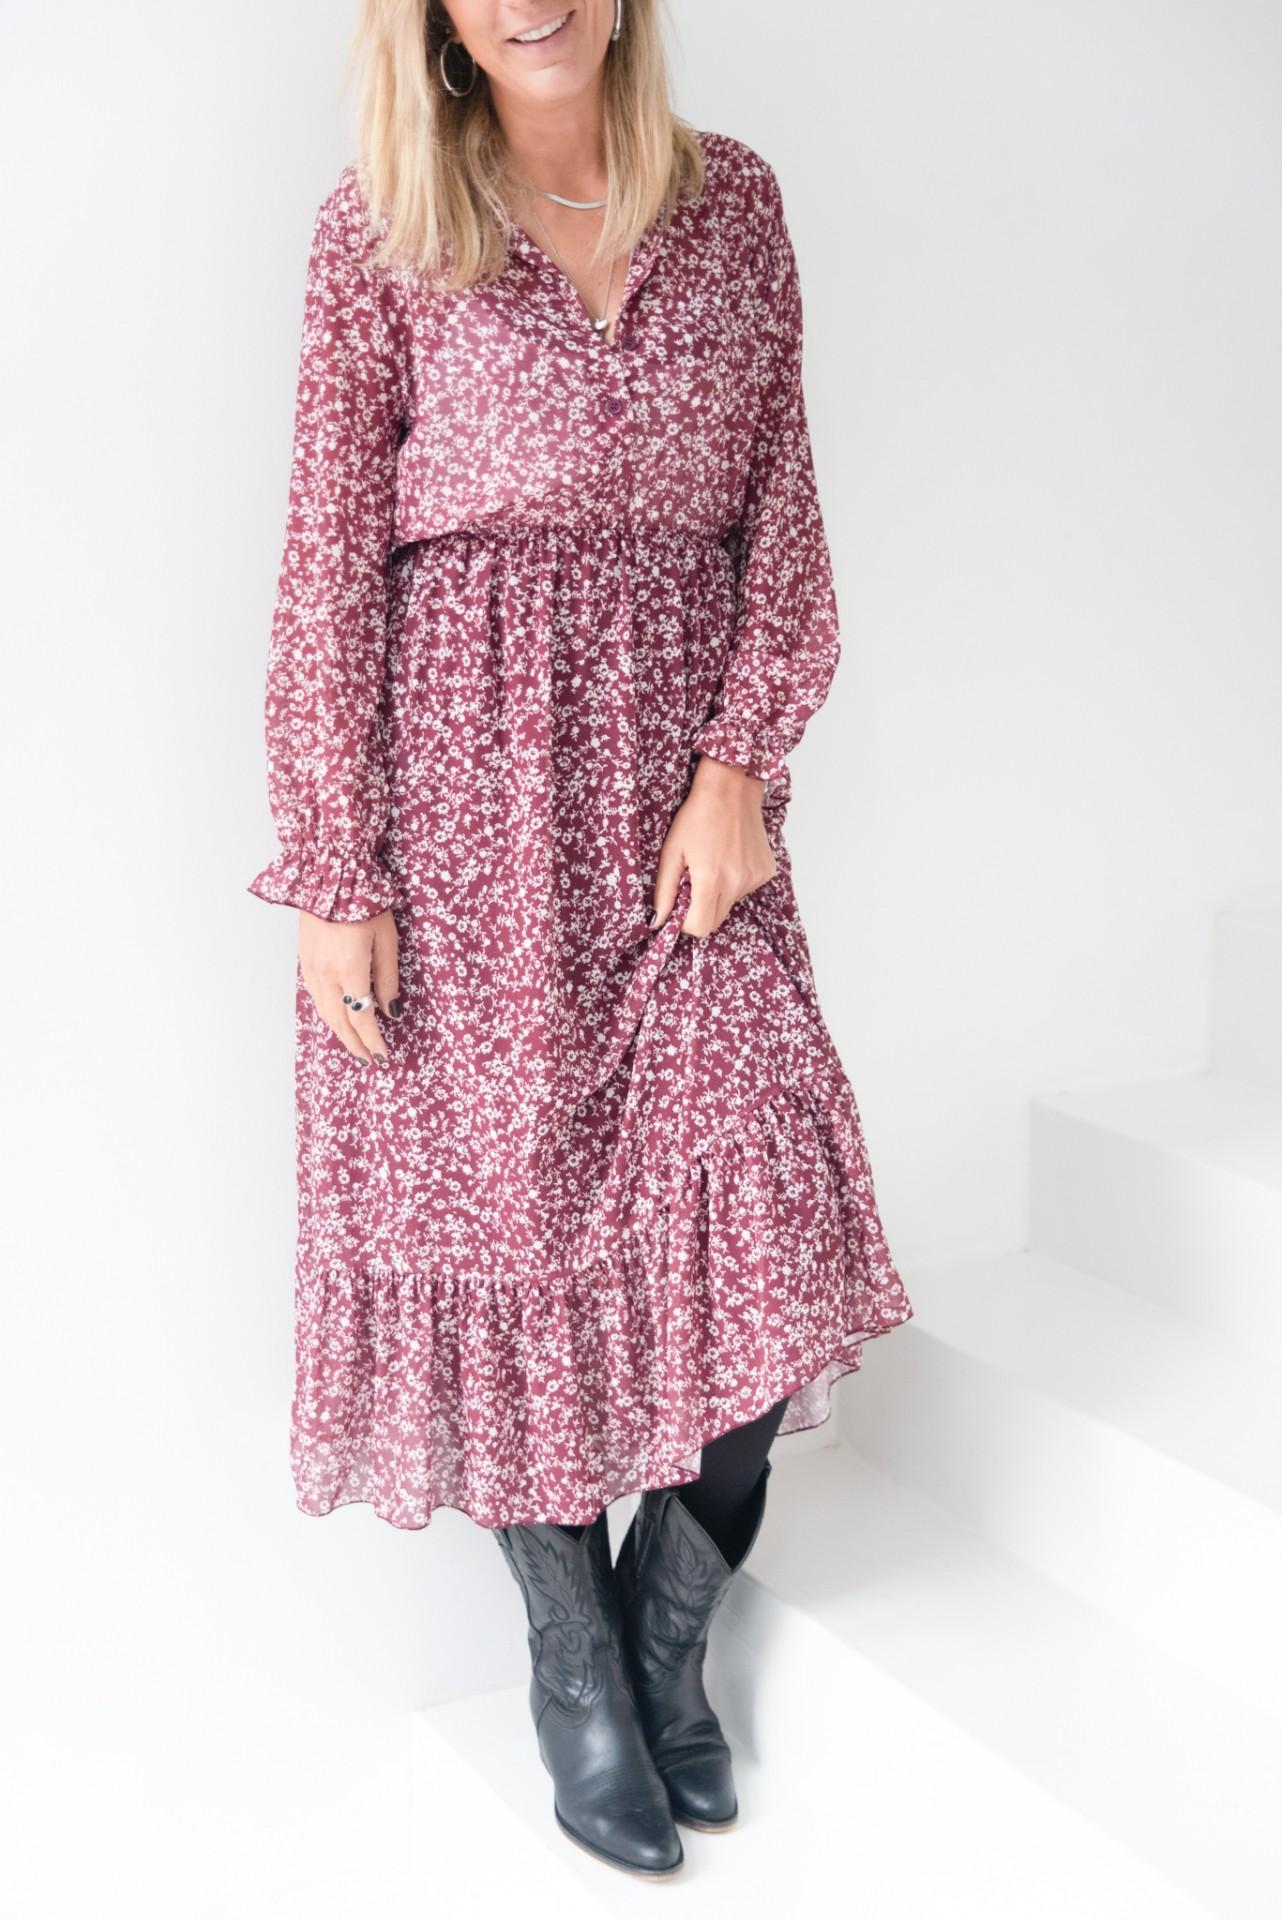 vestido comp flores bordeaux